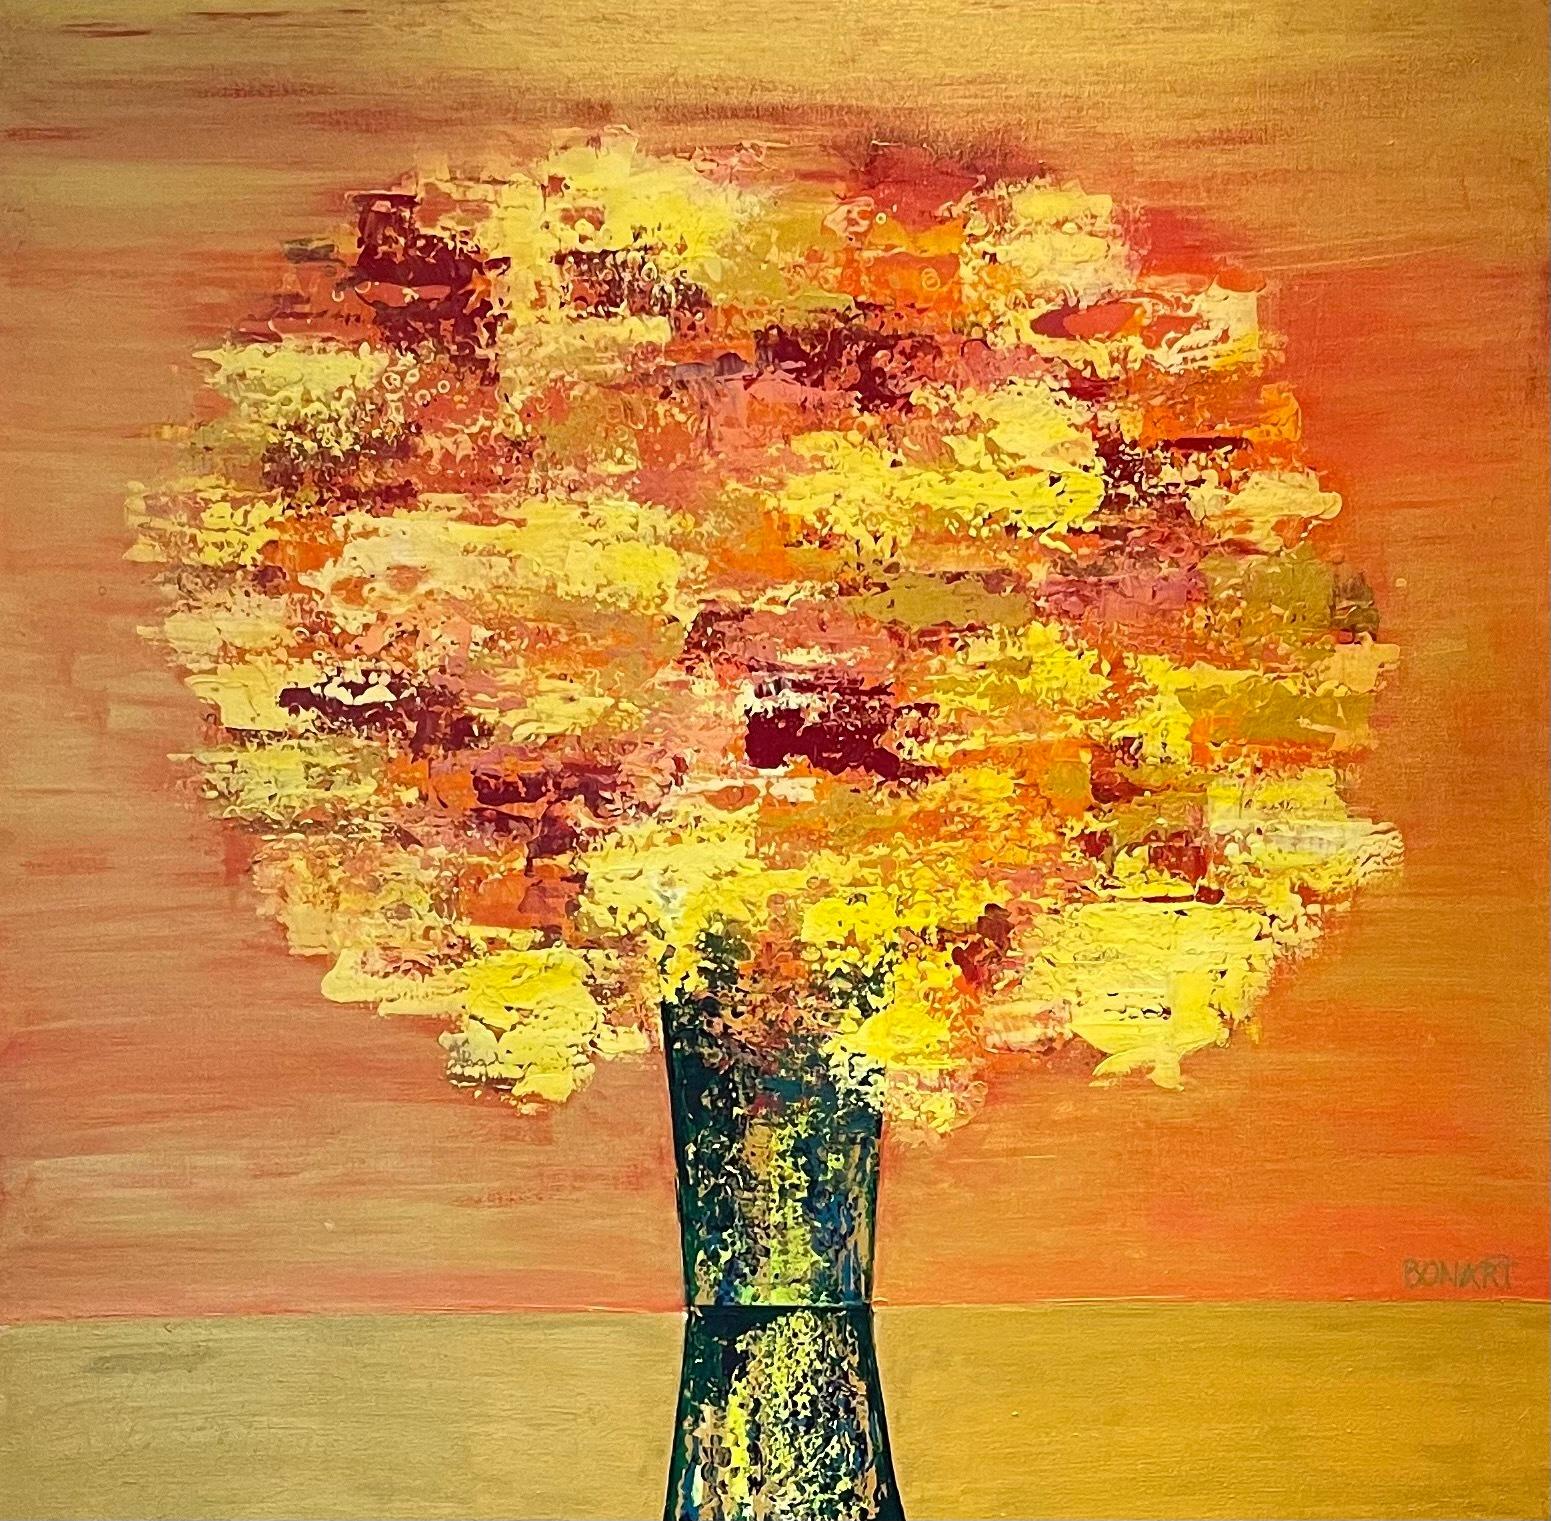 Flower bouquet e52ayz